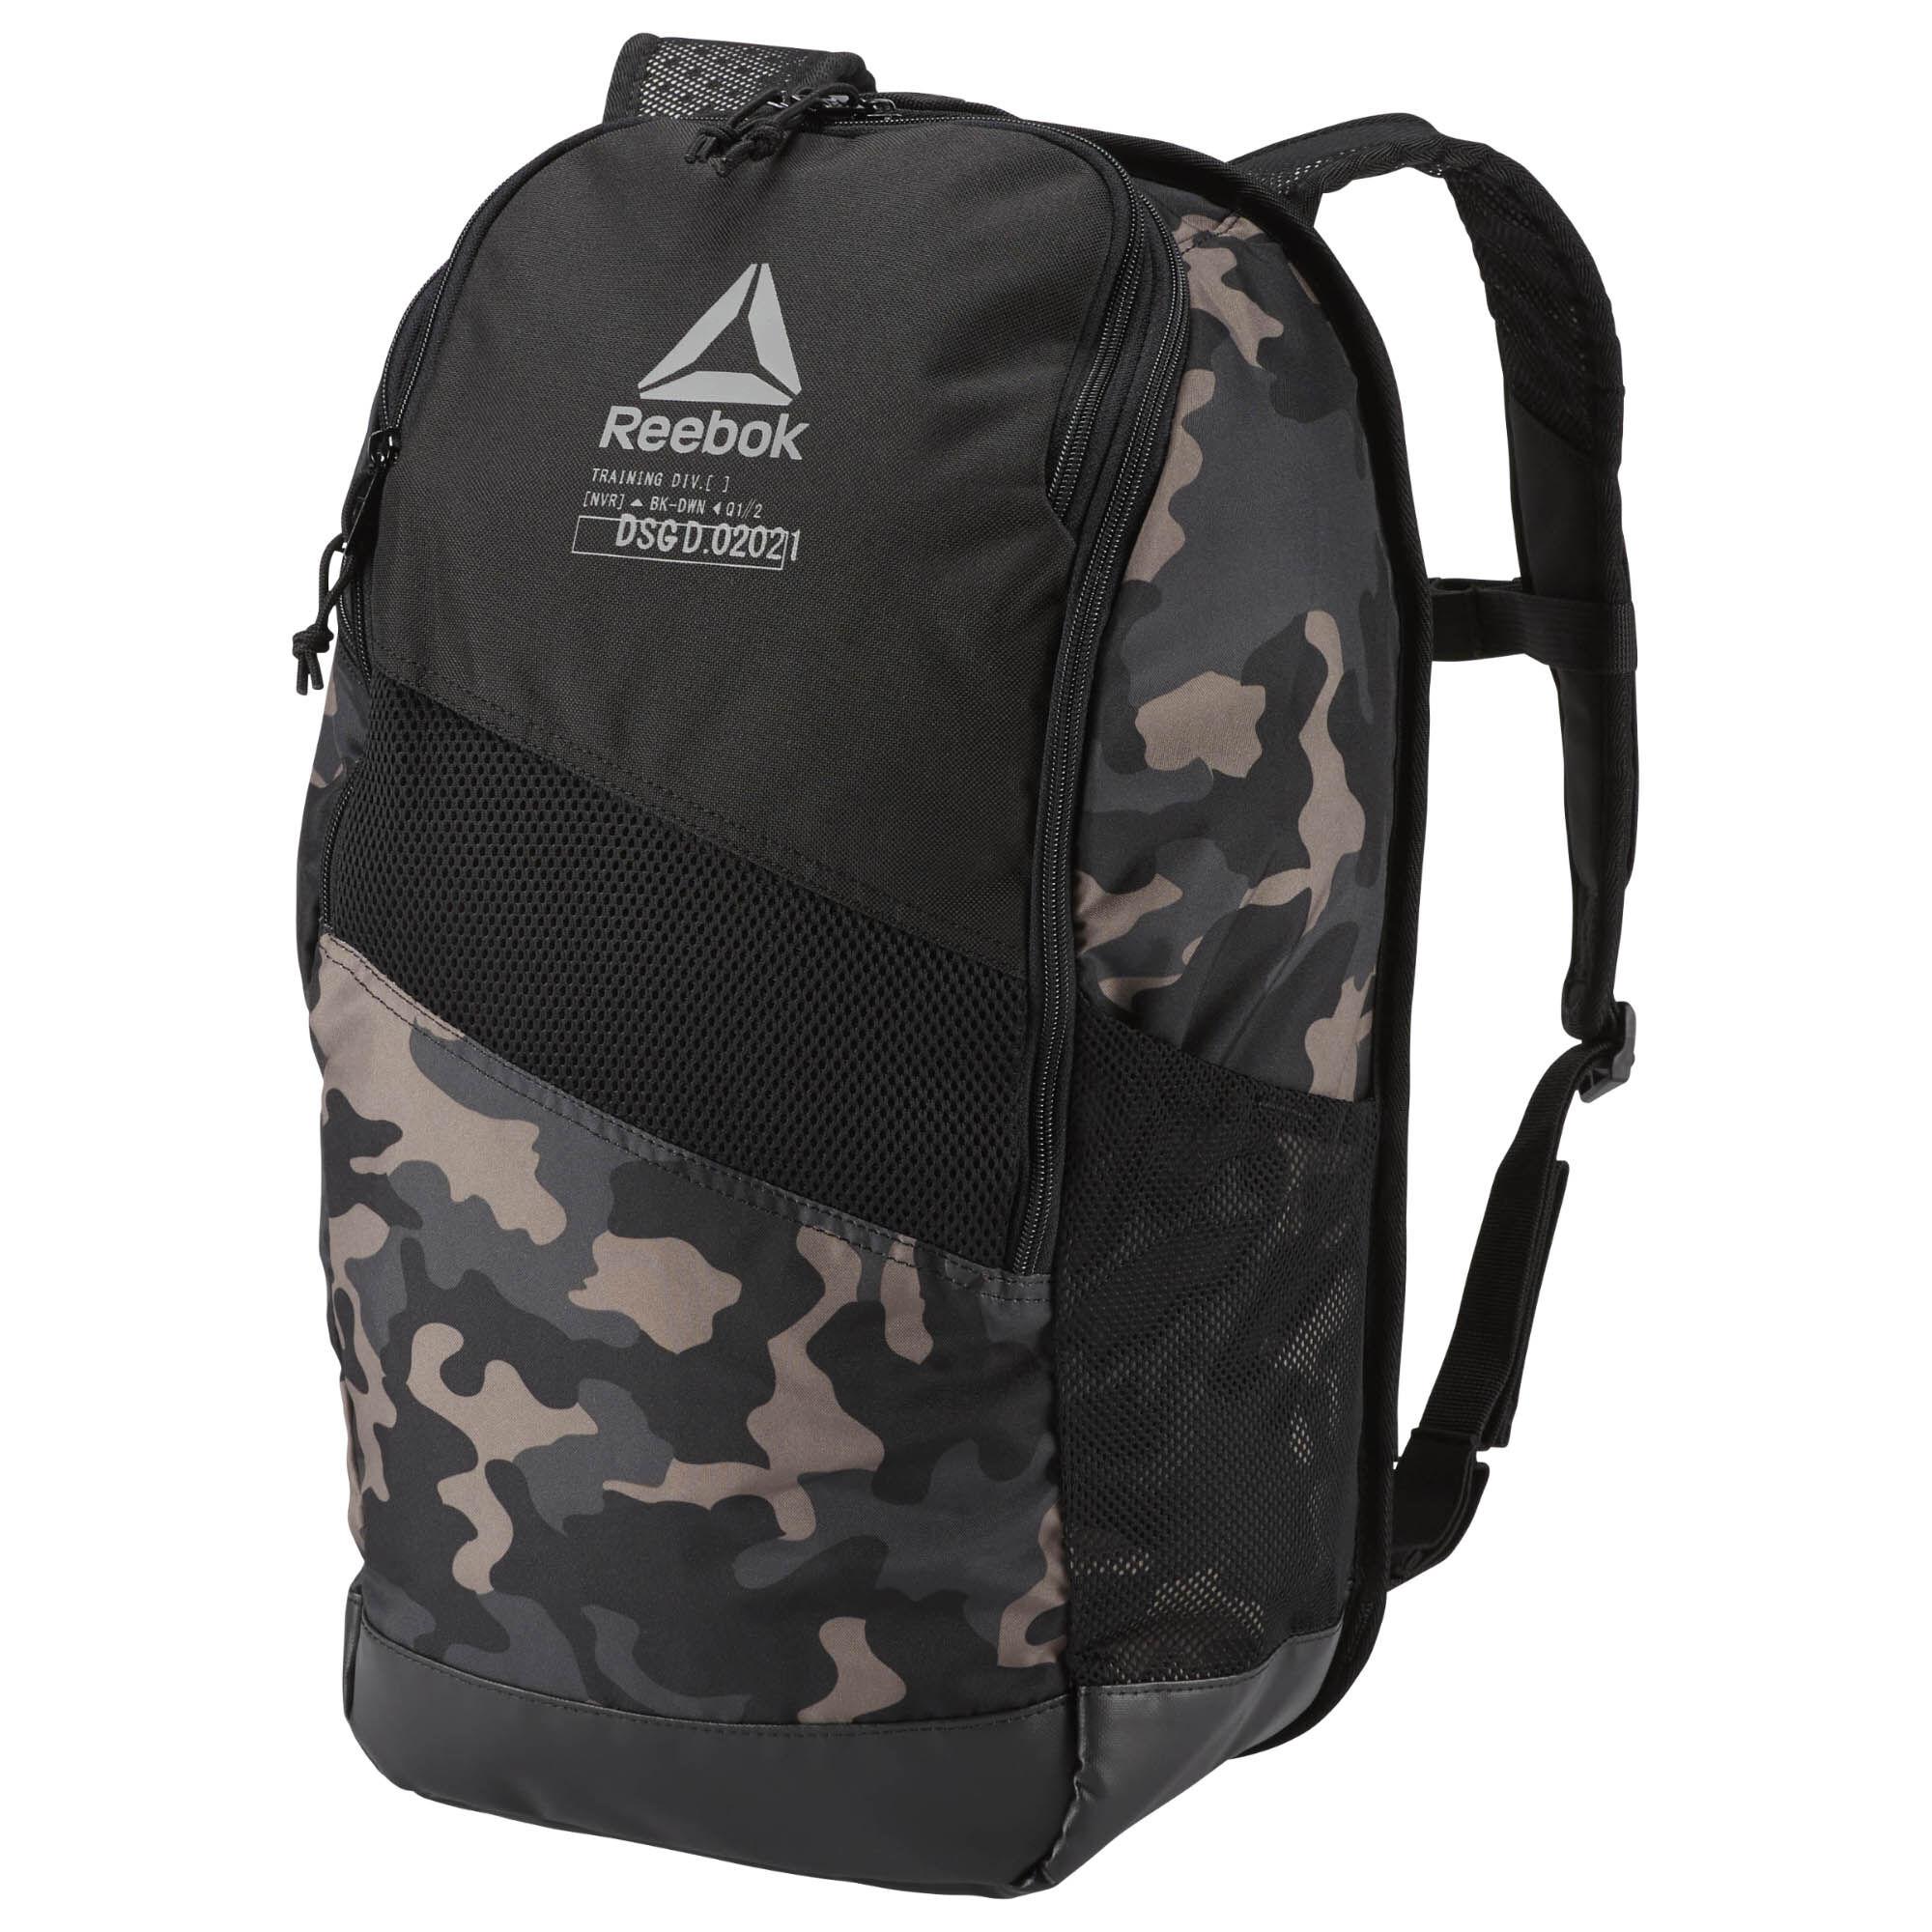 Reebok UFC Backpack | RevUp Sports  |Reebok Backpack